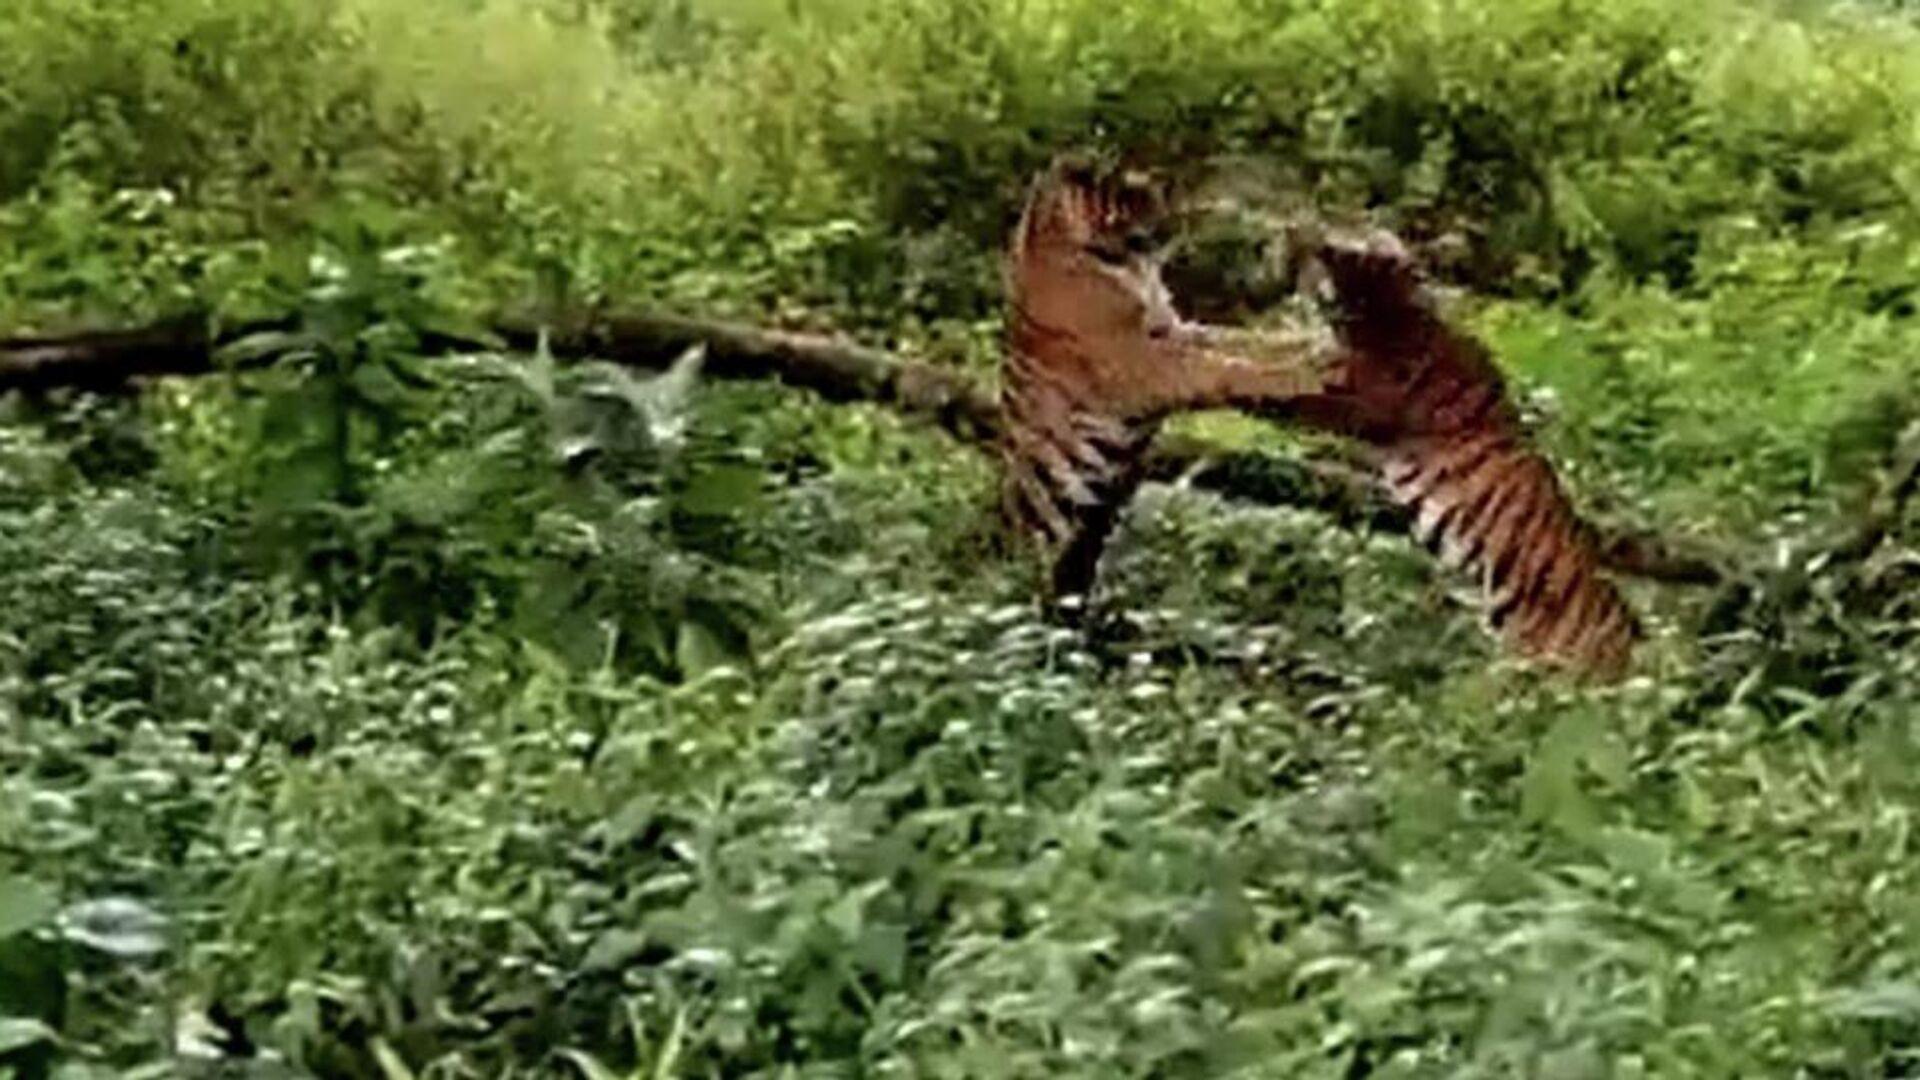 Αρσενικές τίγρεις μάχονται για τη βασιλεία της ζούγκλας - Sputnik Ελλάδα, 1920, 13.08.2021